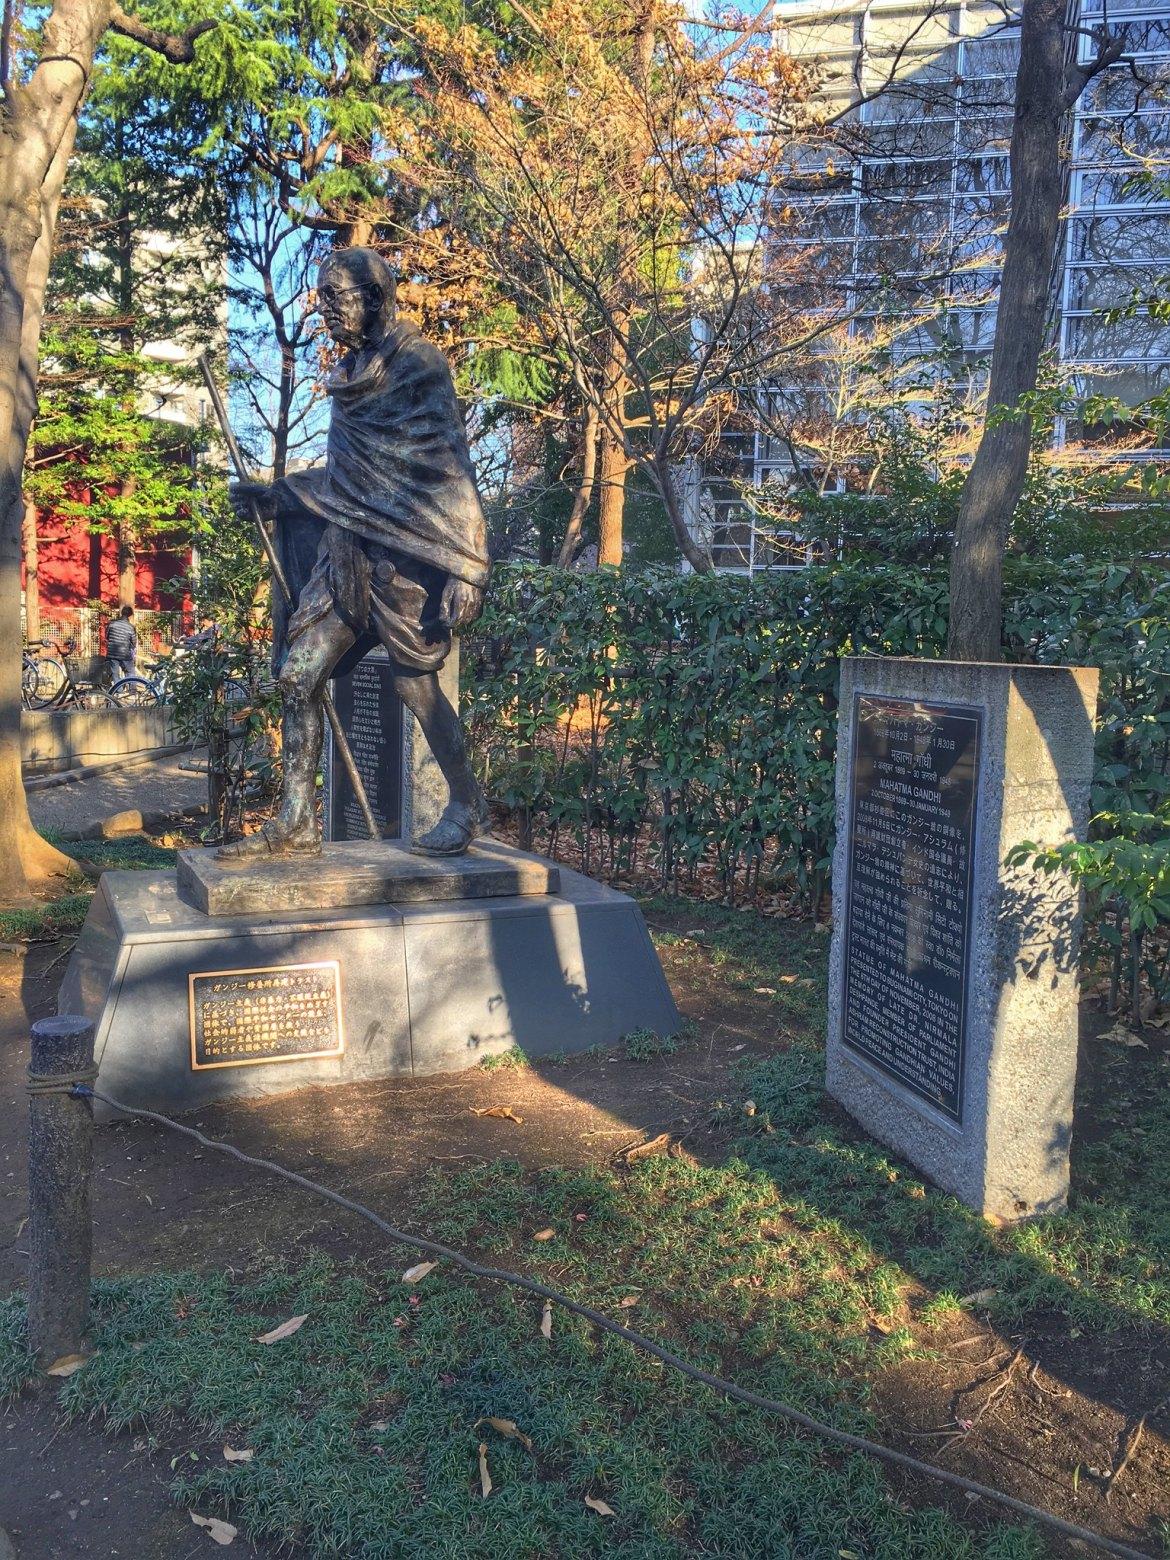 Mahatma Gandhi statue at the suginami Ward Library